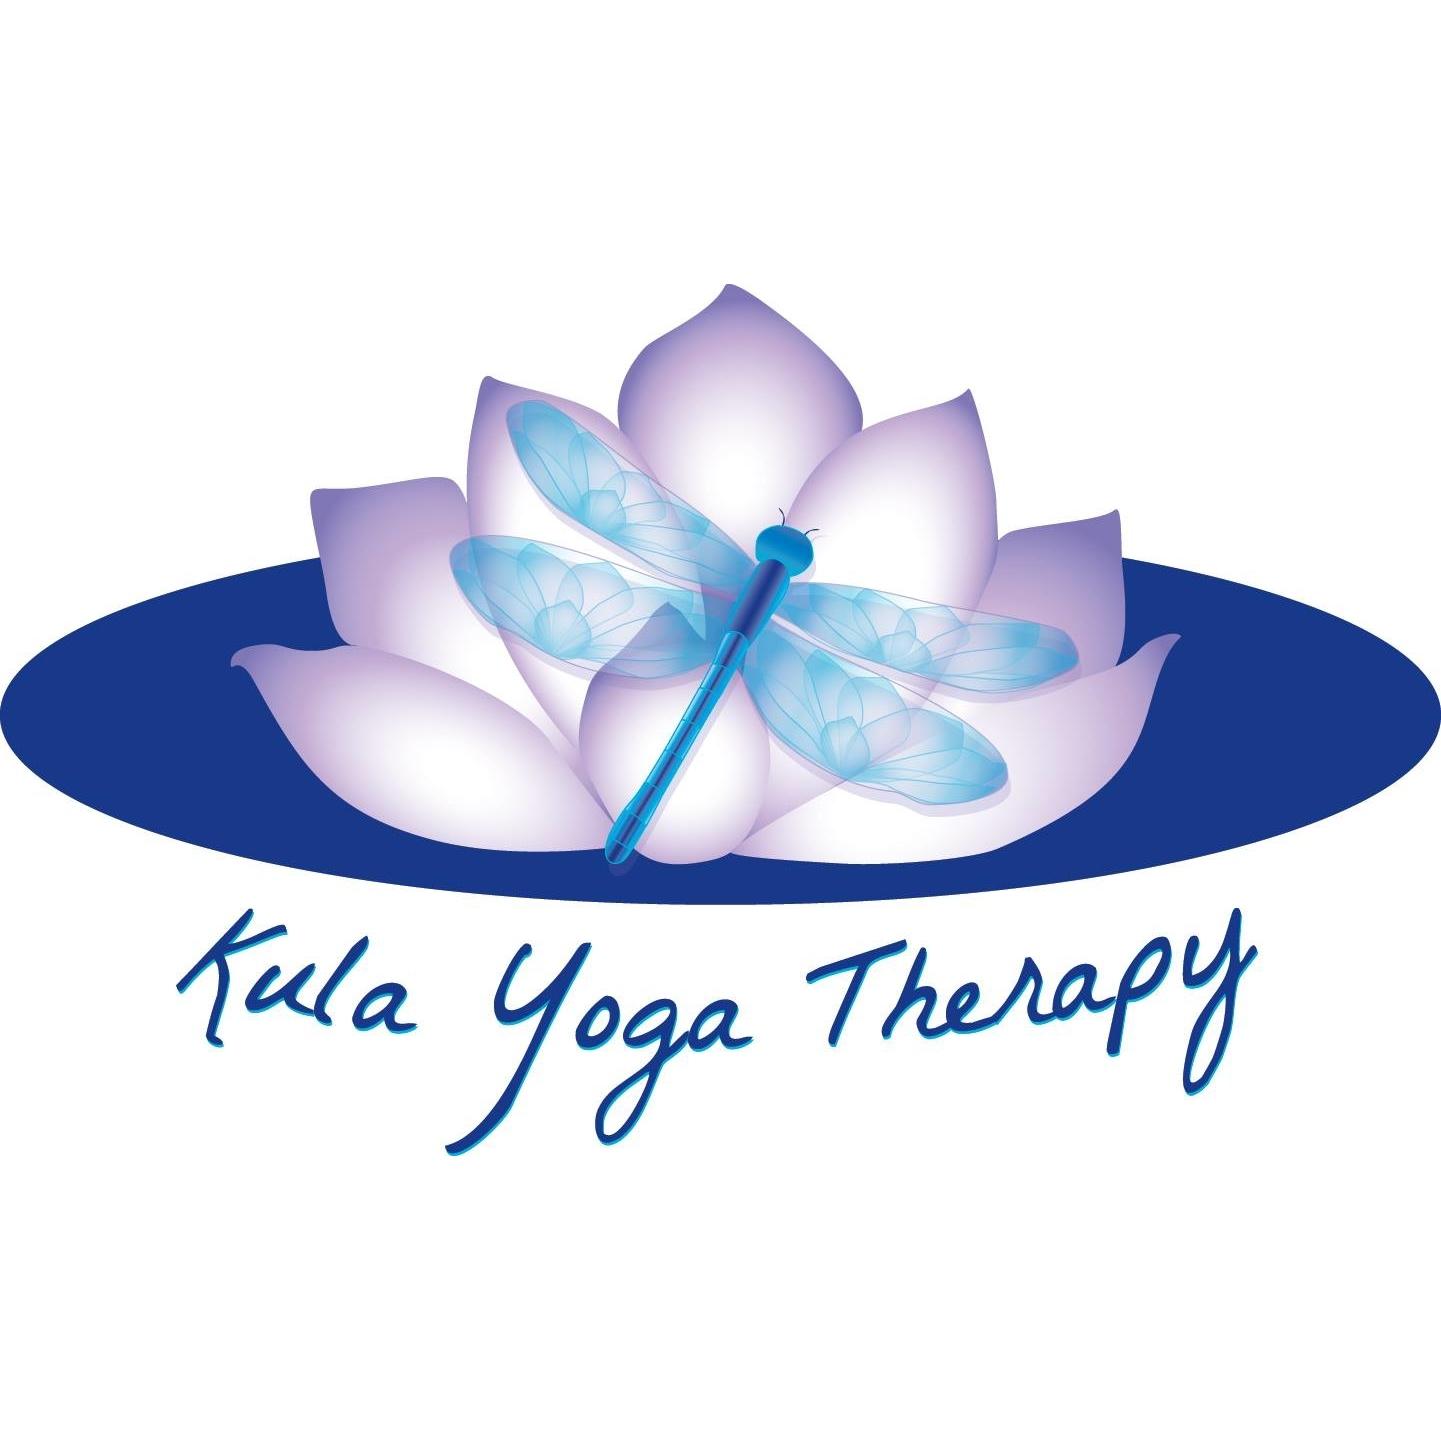 Kula Yoga LLC